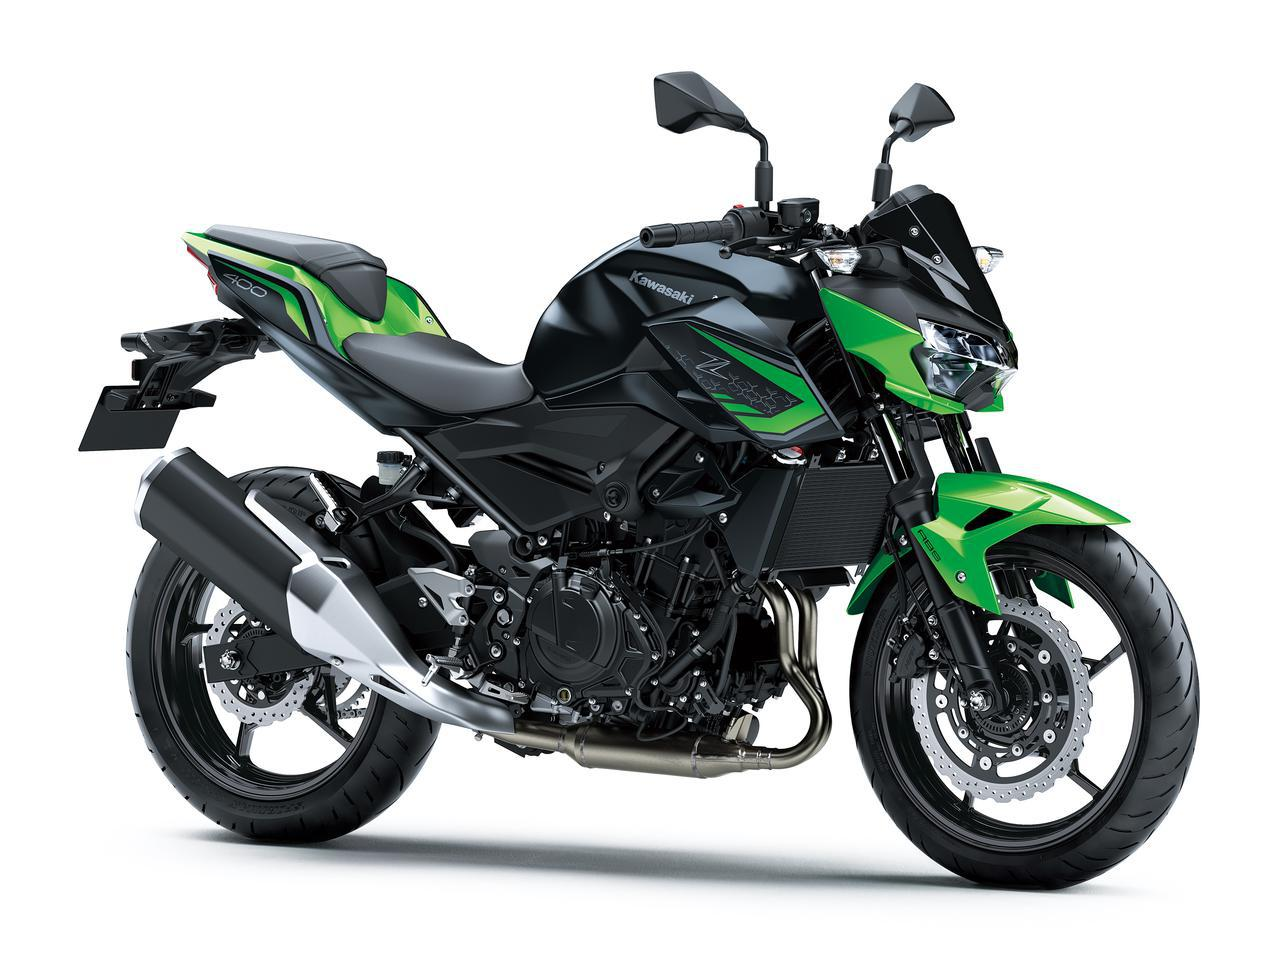 画像1: カワサキが「Z400」の2021年モデルを発売! ライムグリーンが再び登場【2021速報】